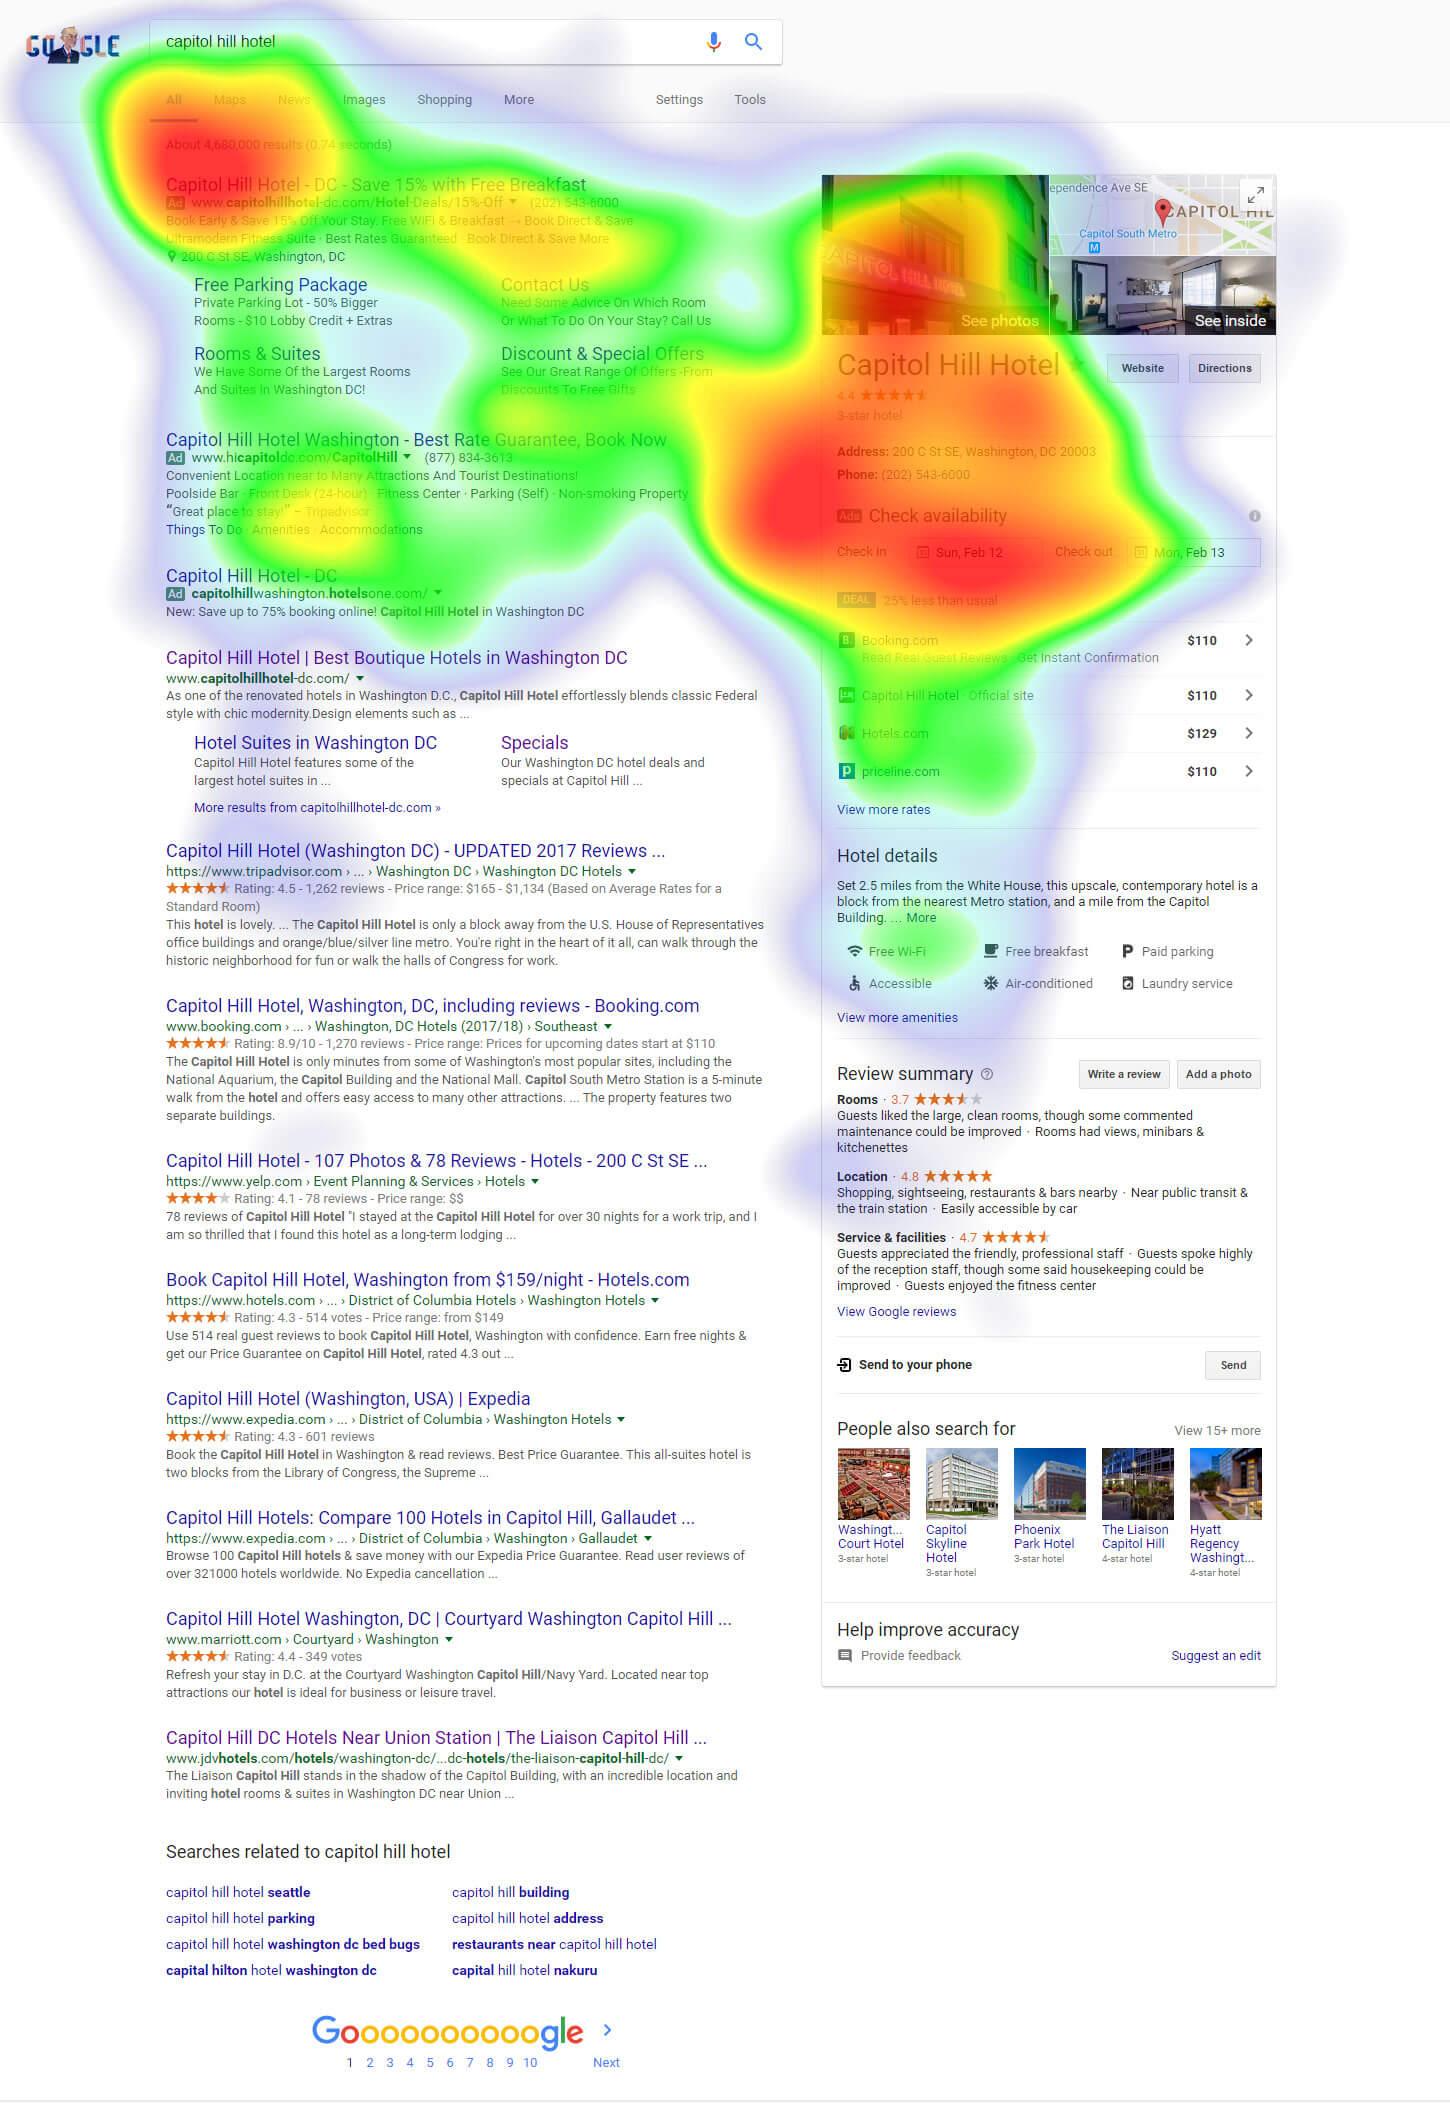 Capitol Hill Hotel heatmap